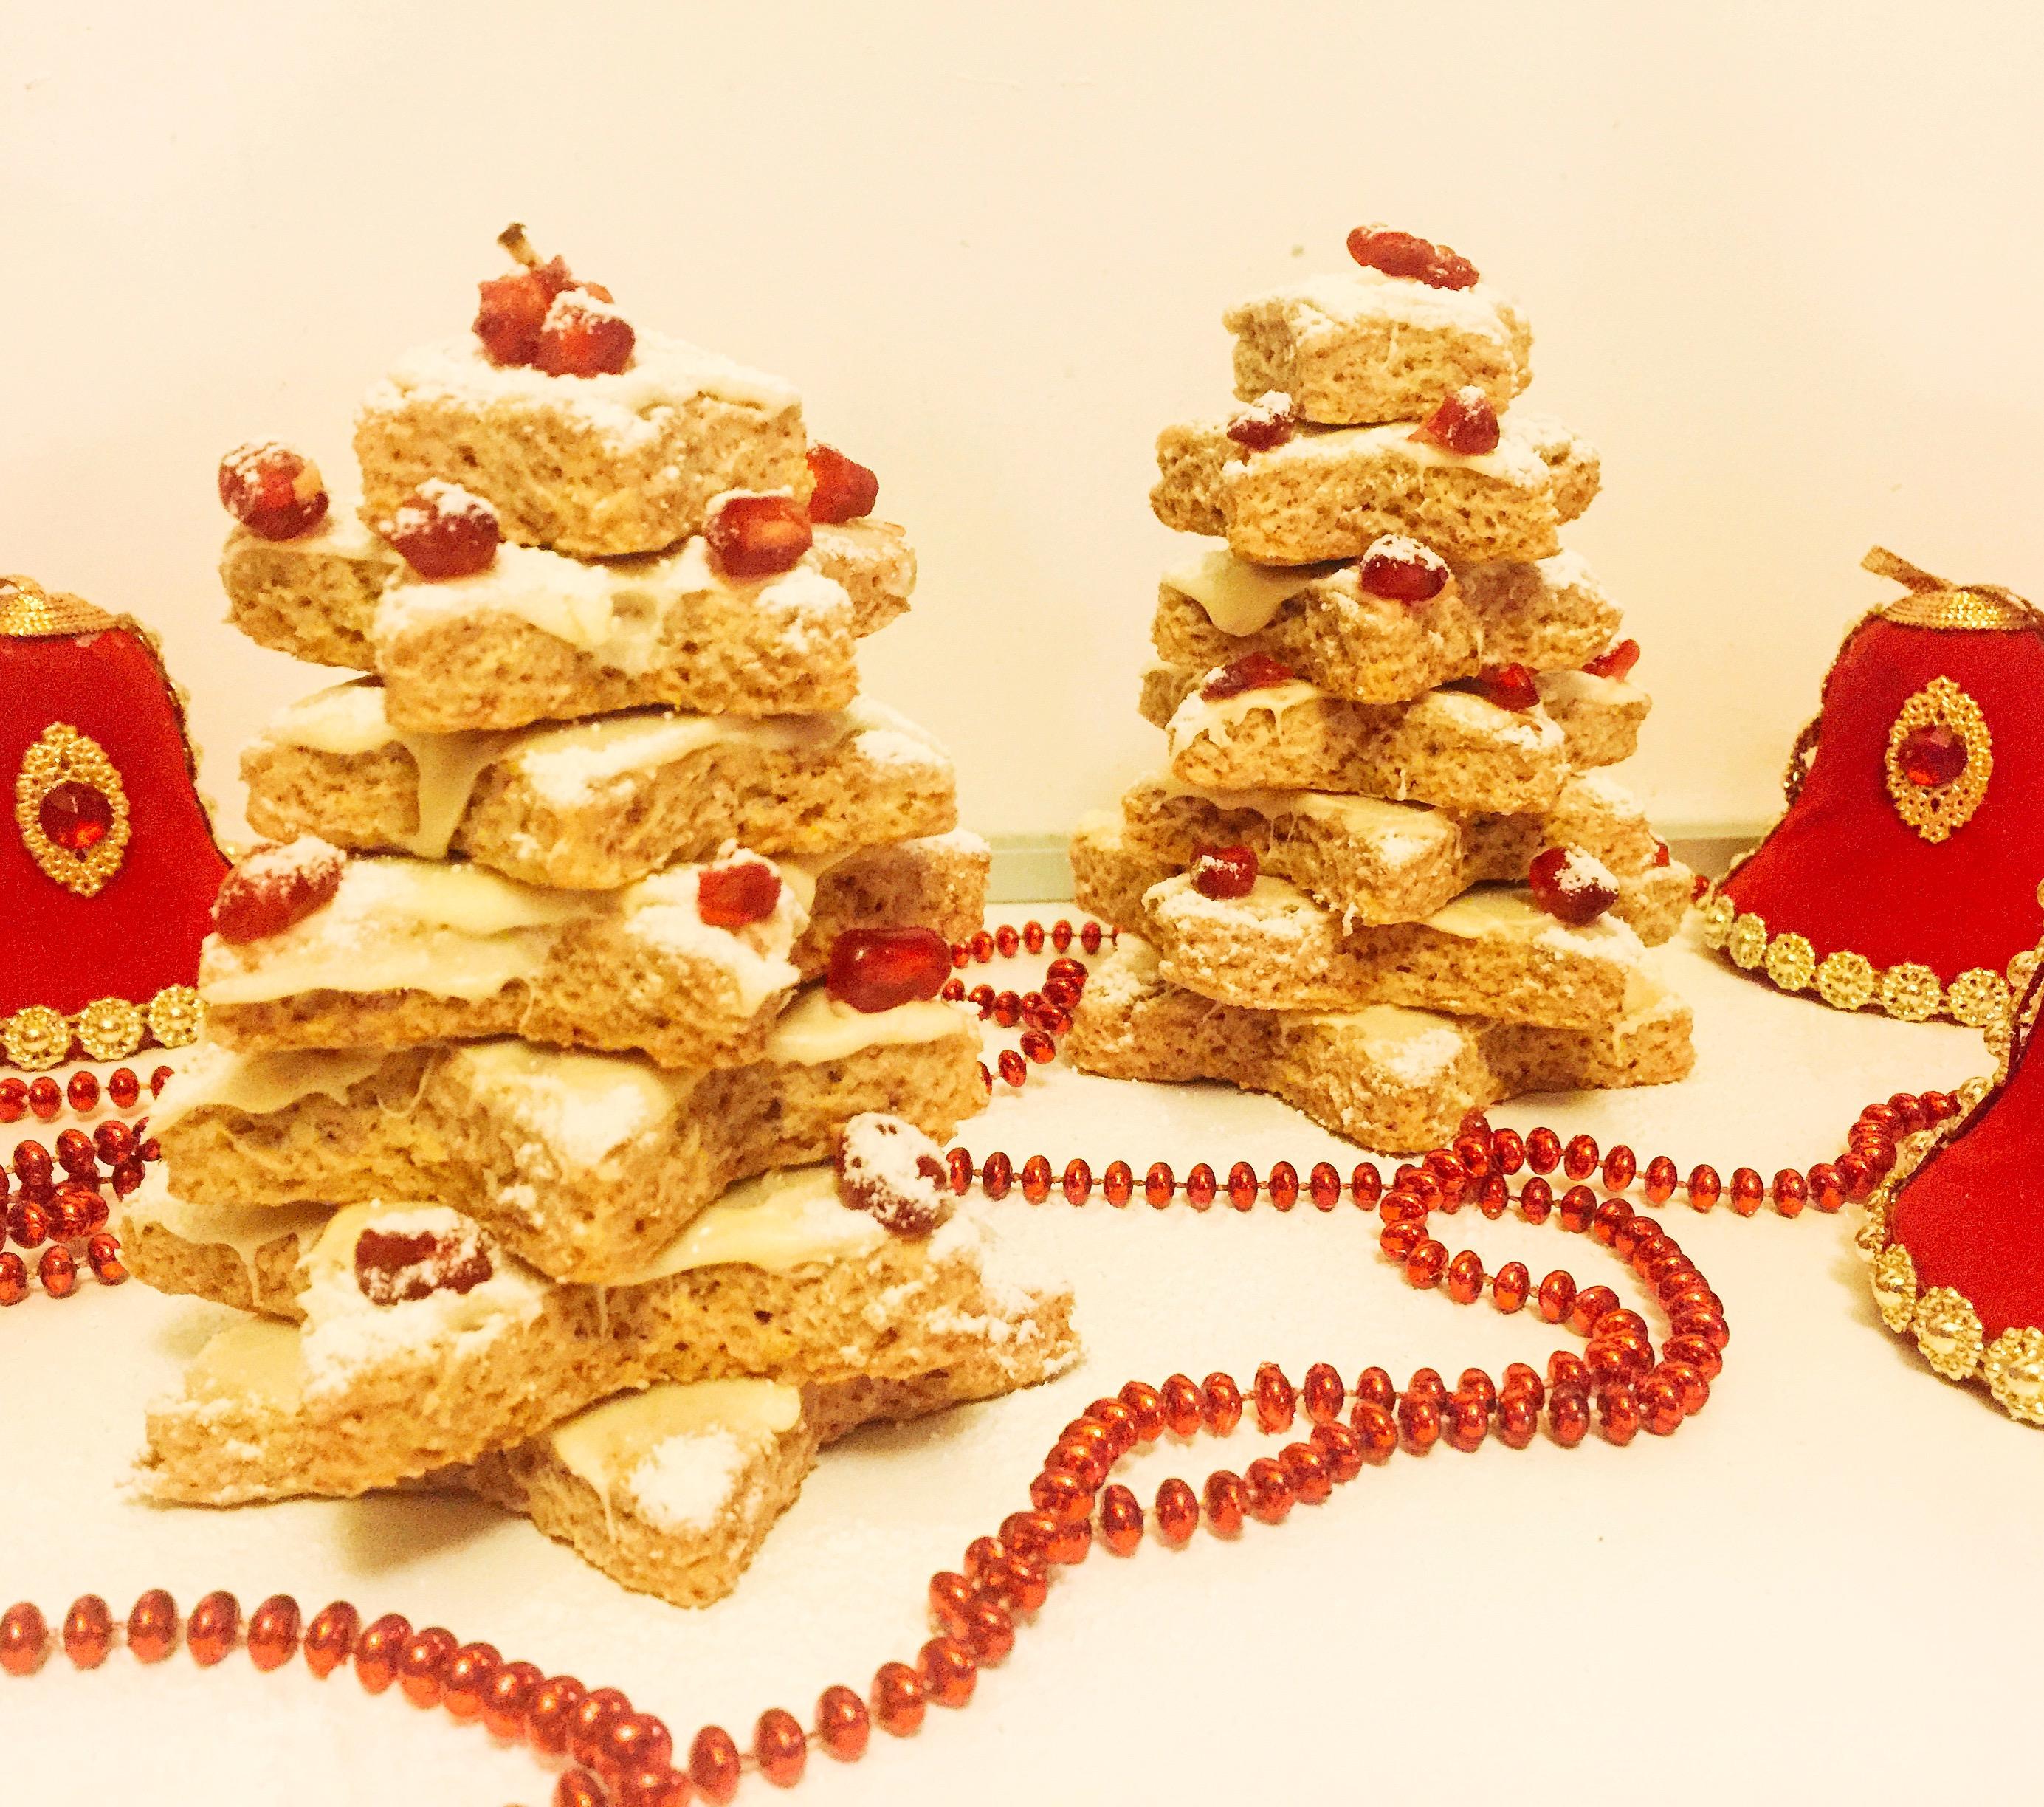 L'Albero di Biscotti Senza Burro, una composizione scenografica e golosa per stupire durante le feste con dolci senza burro